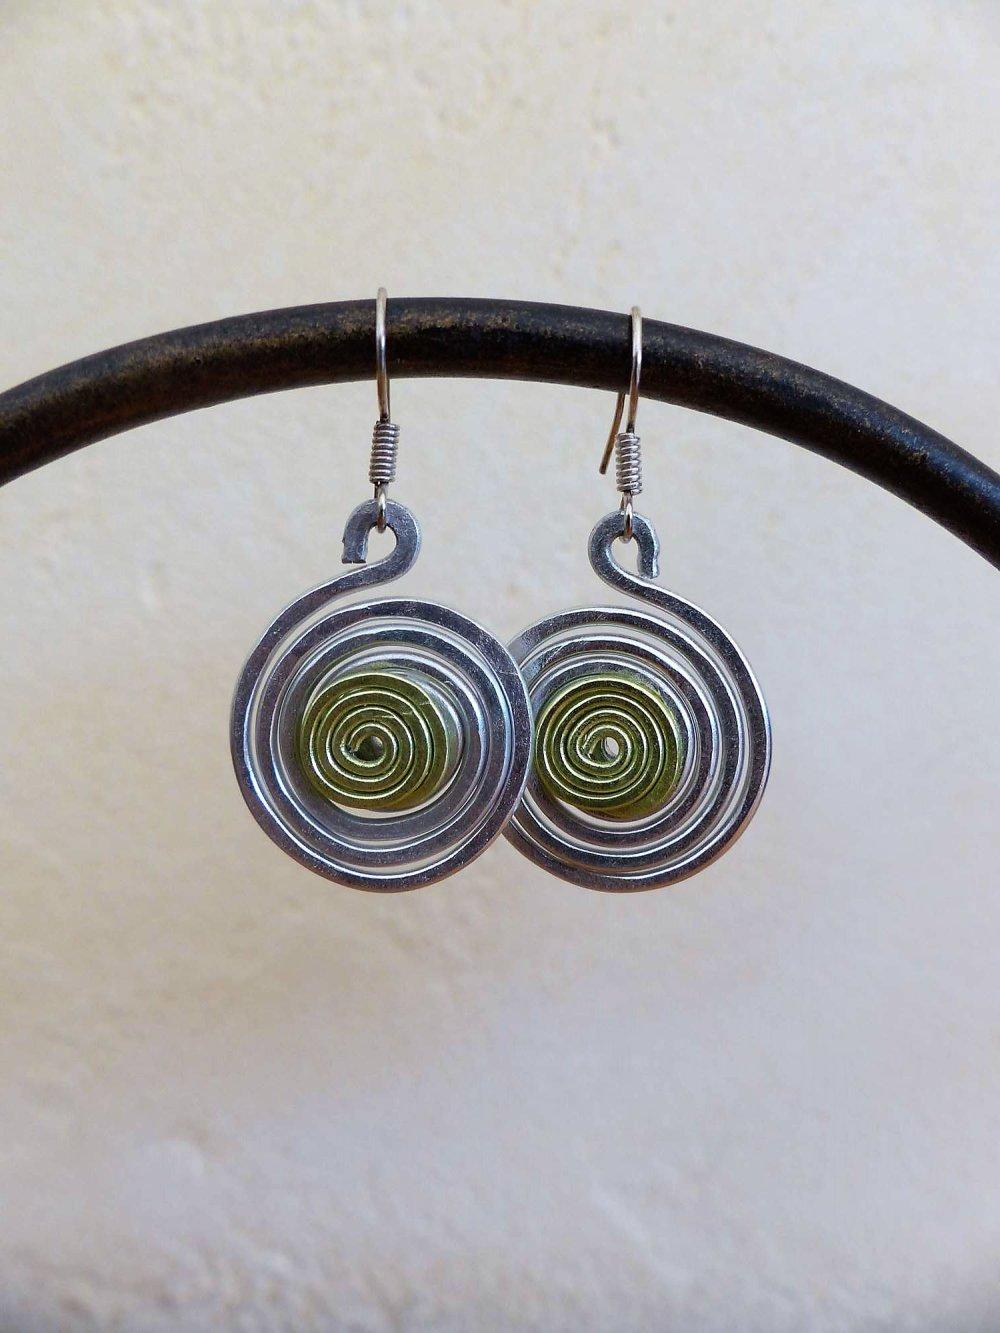 boucles d'oreilles spirales argentées-vertes